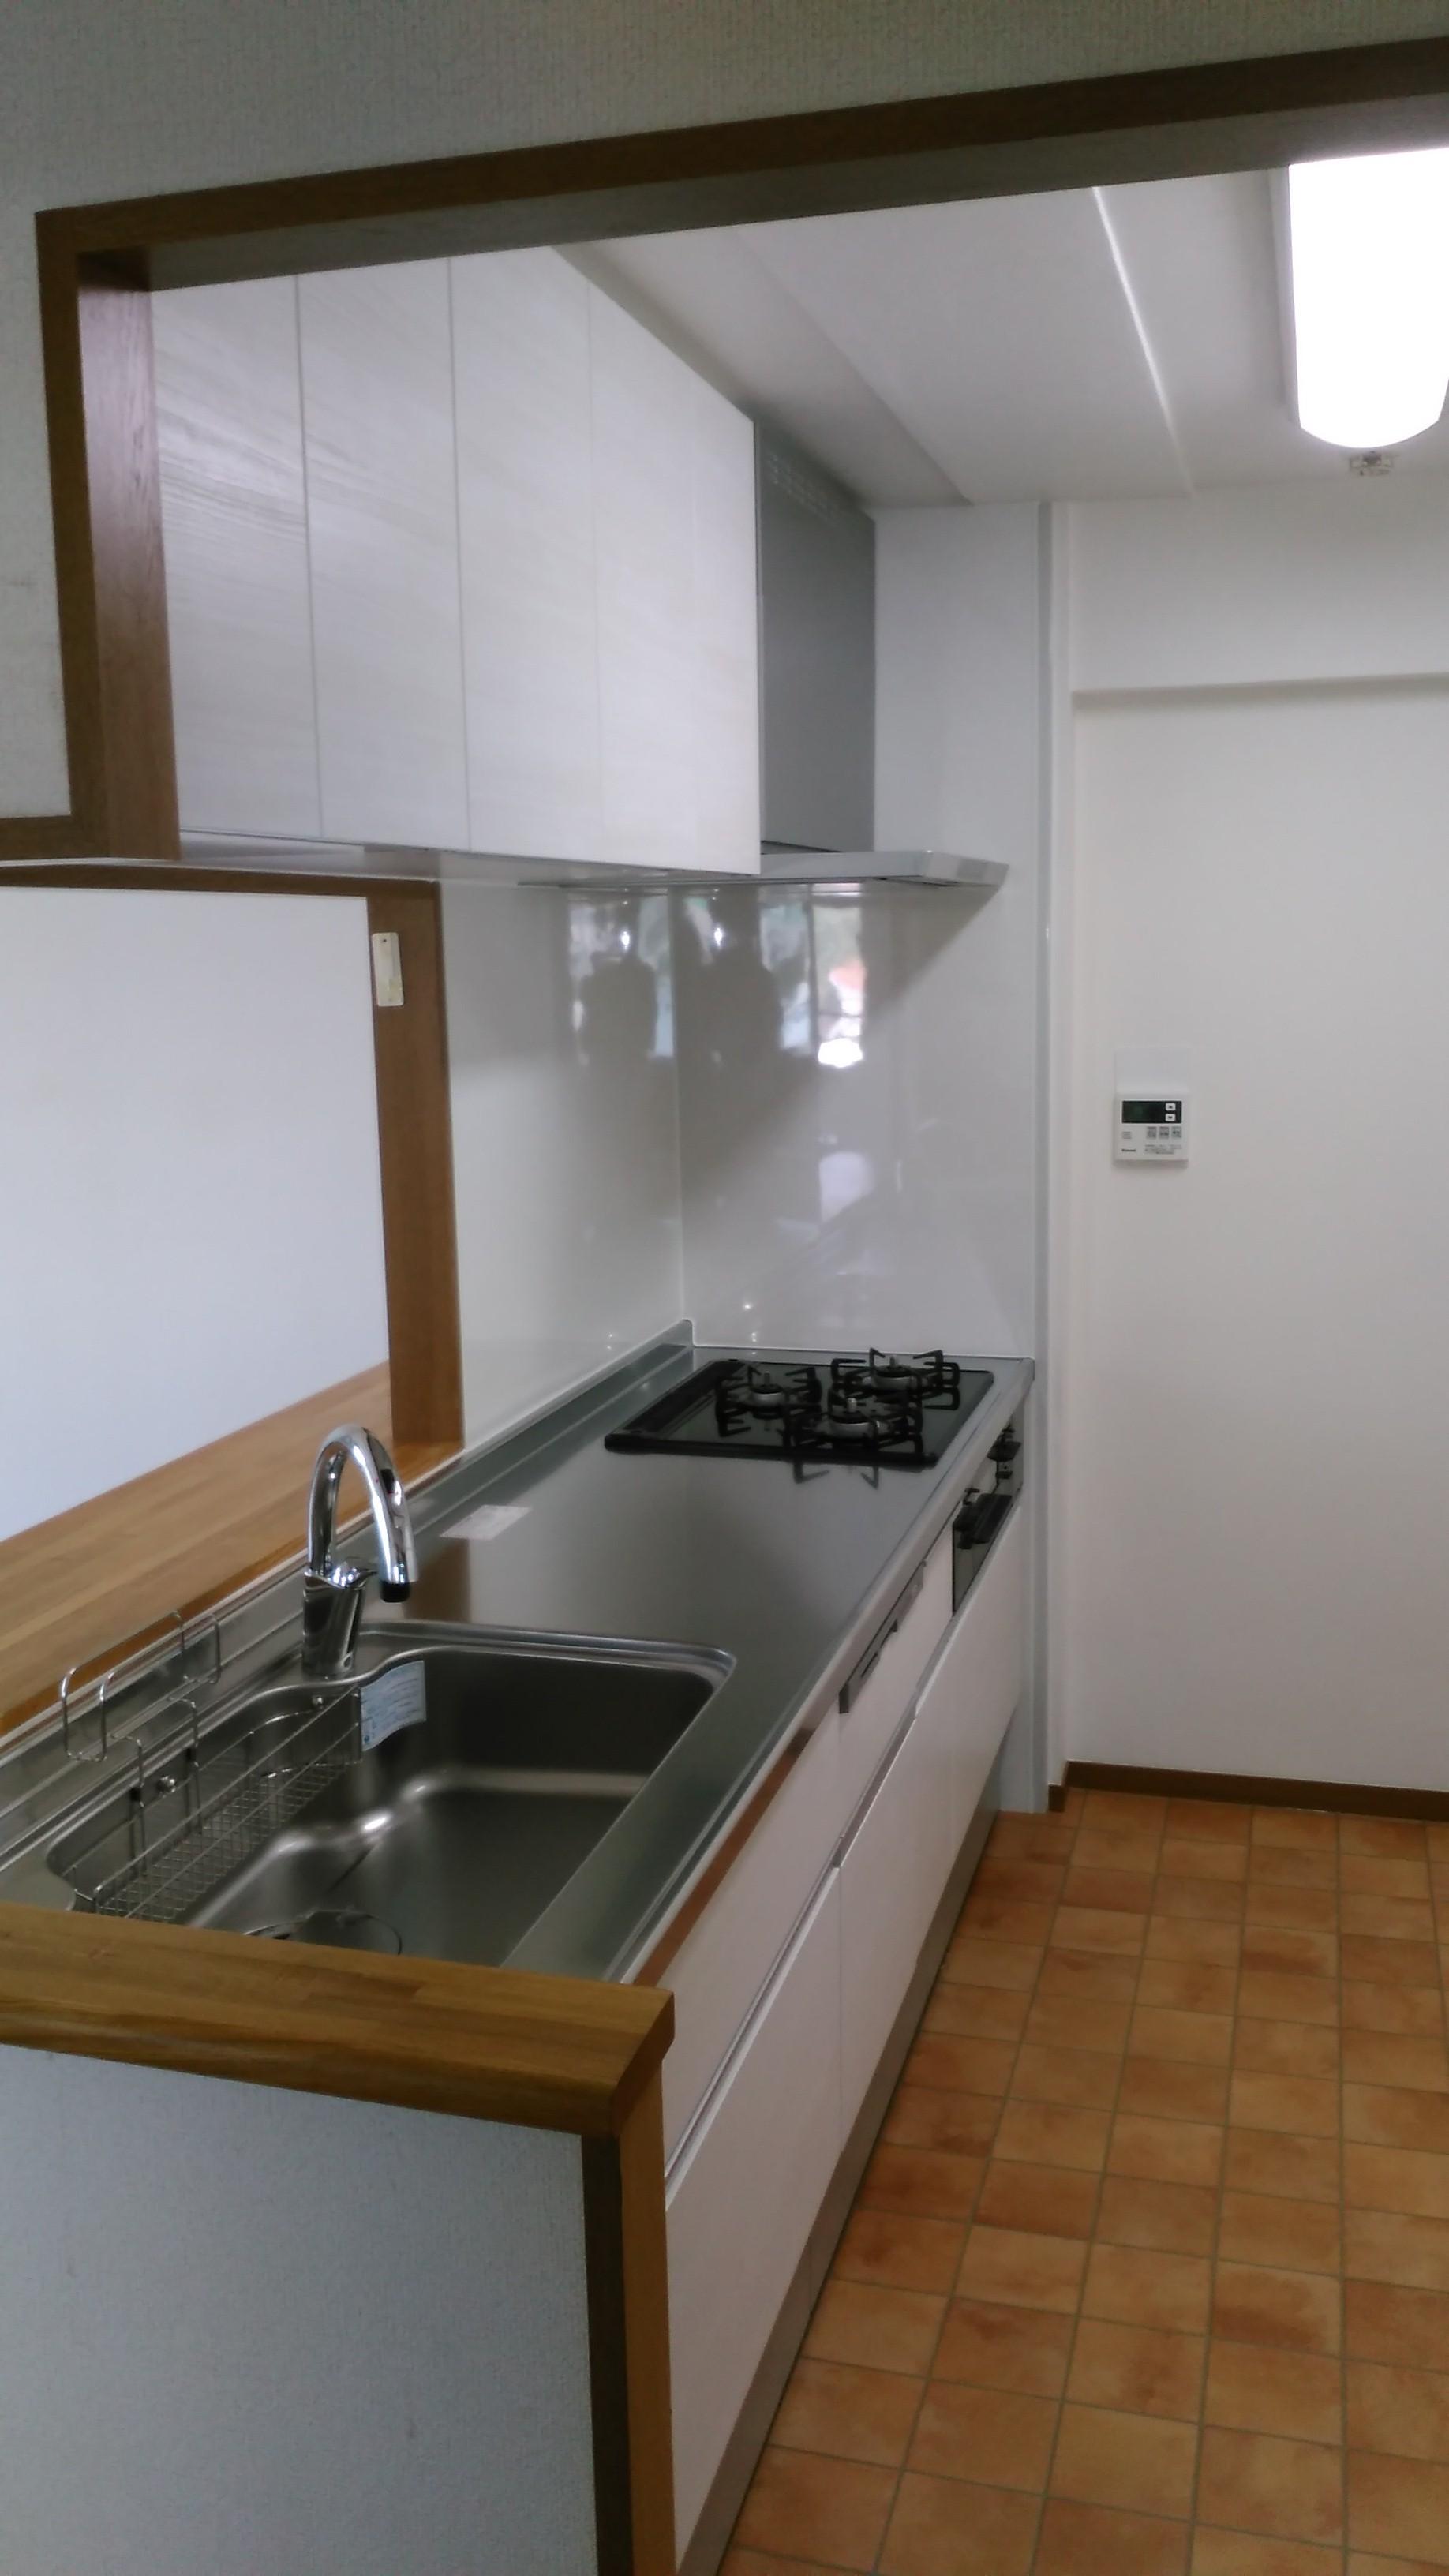 キッチン本体はもキッチリとおさまりました、床はテラコッタ調のクッションフロアです